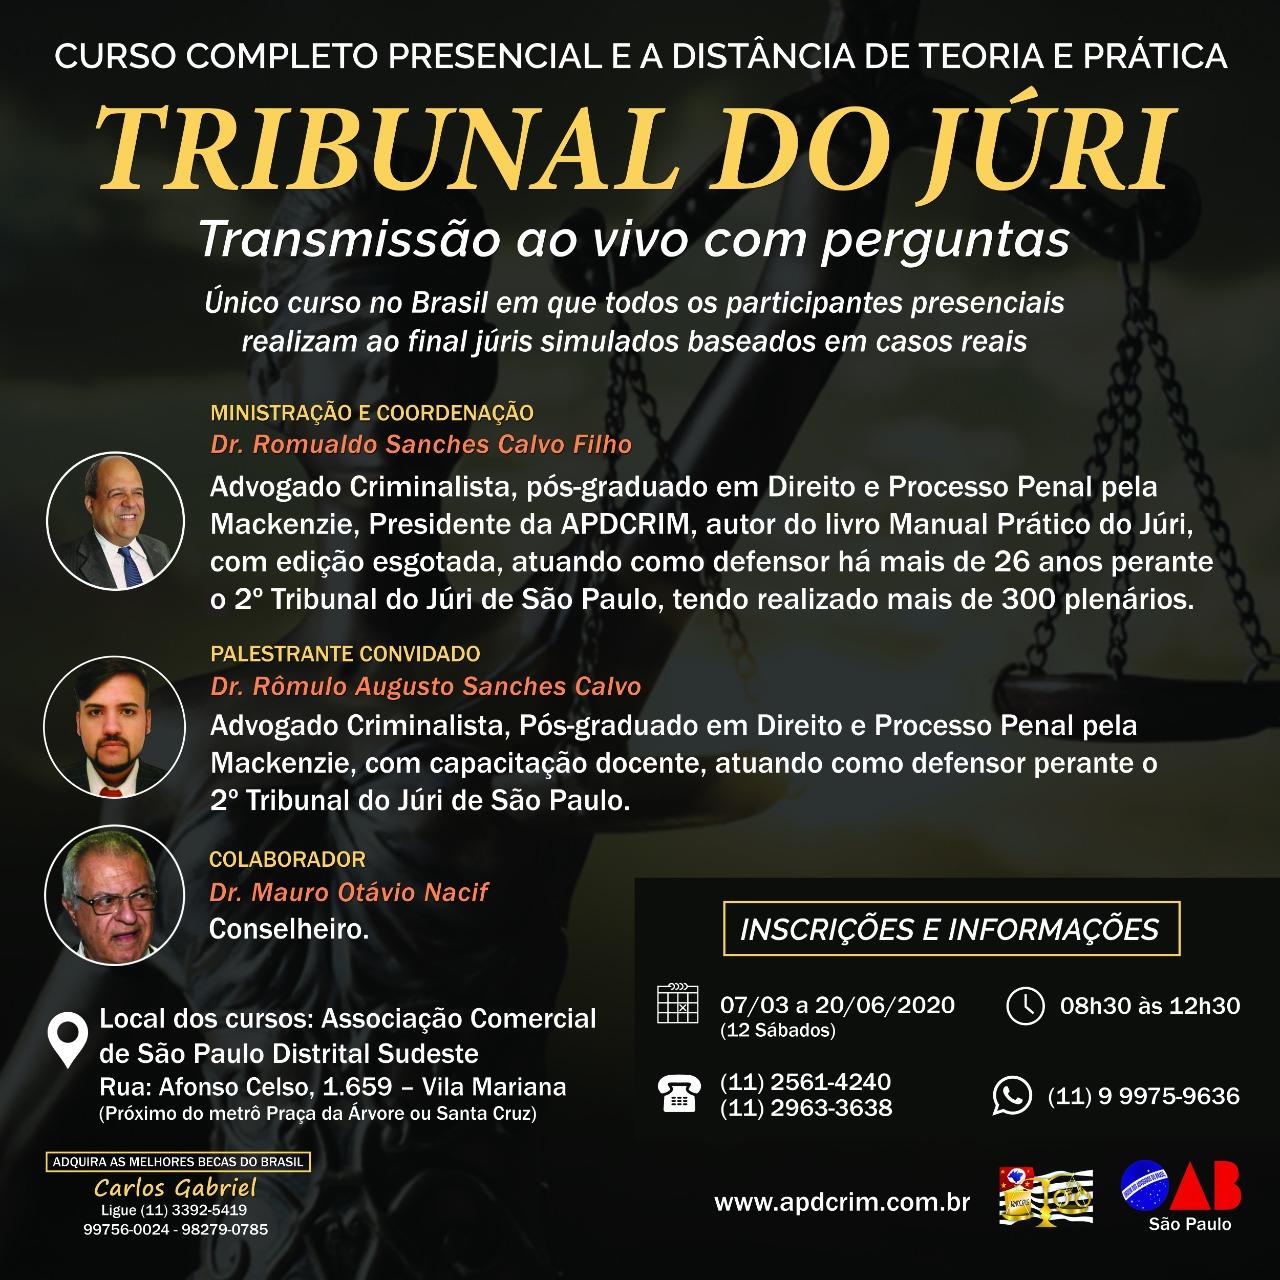 Tribunal%2bdo%2bj%c3%bari%2b2020